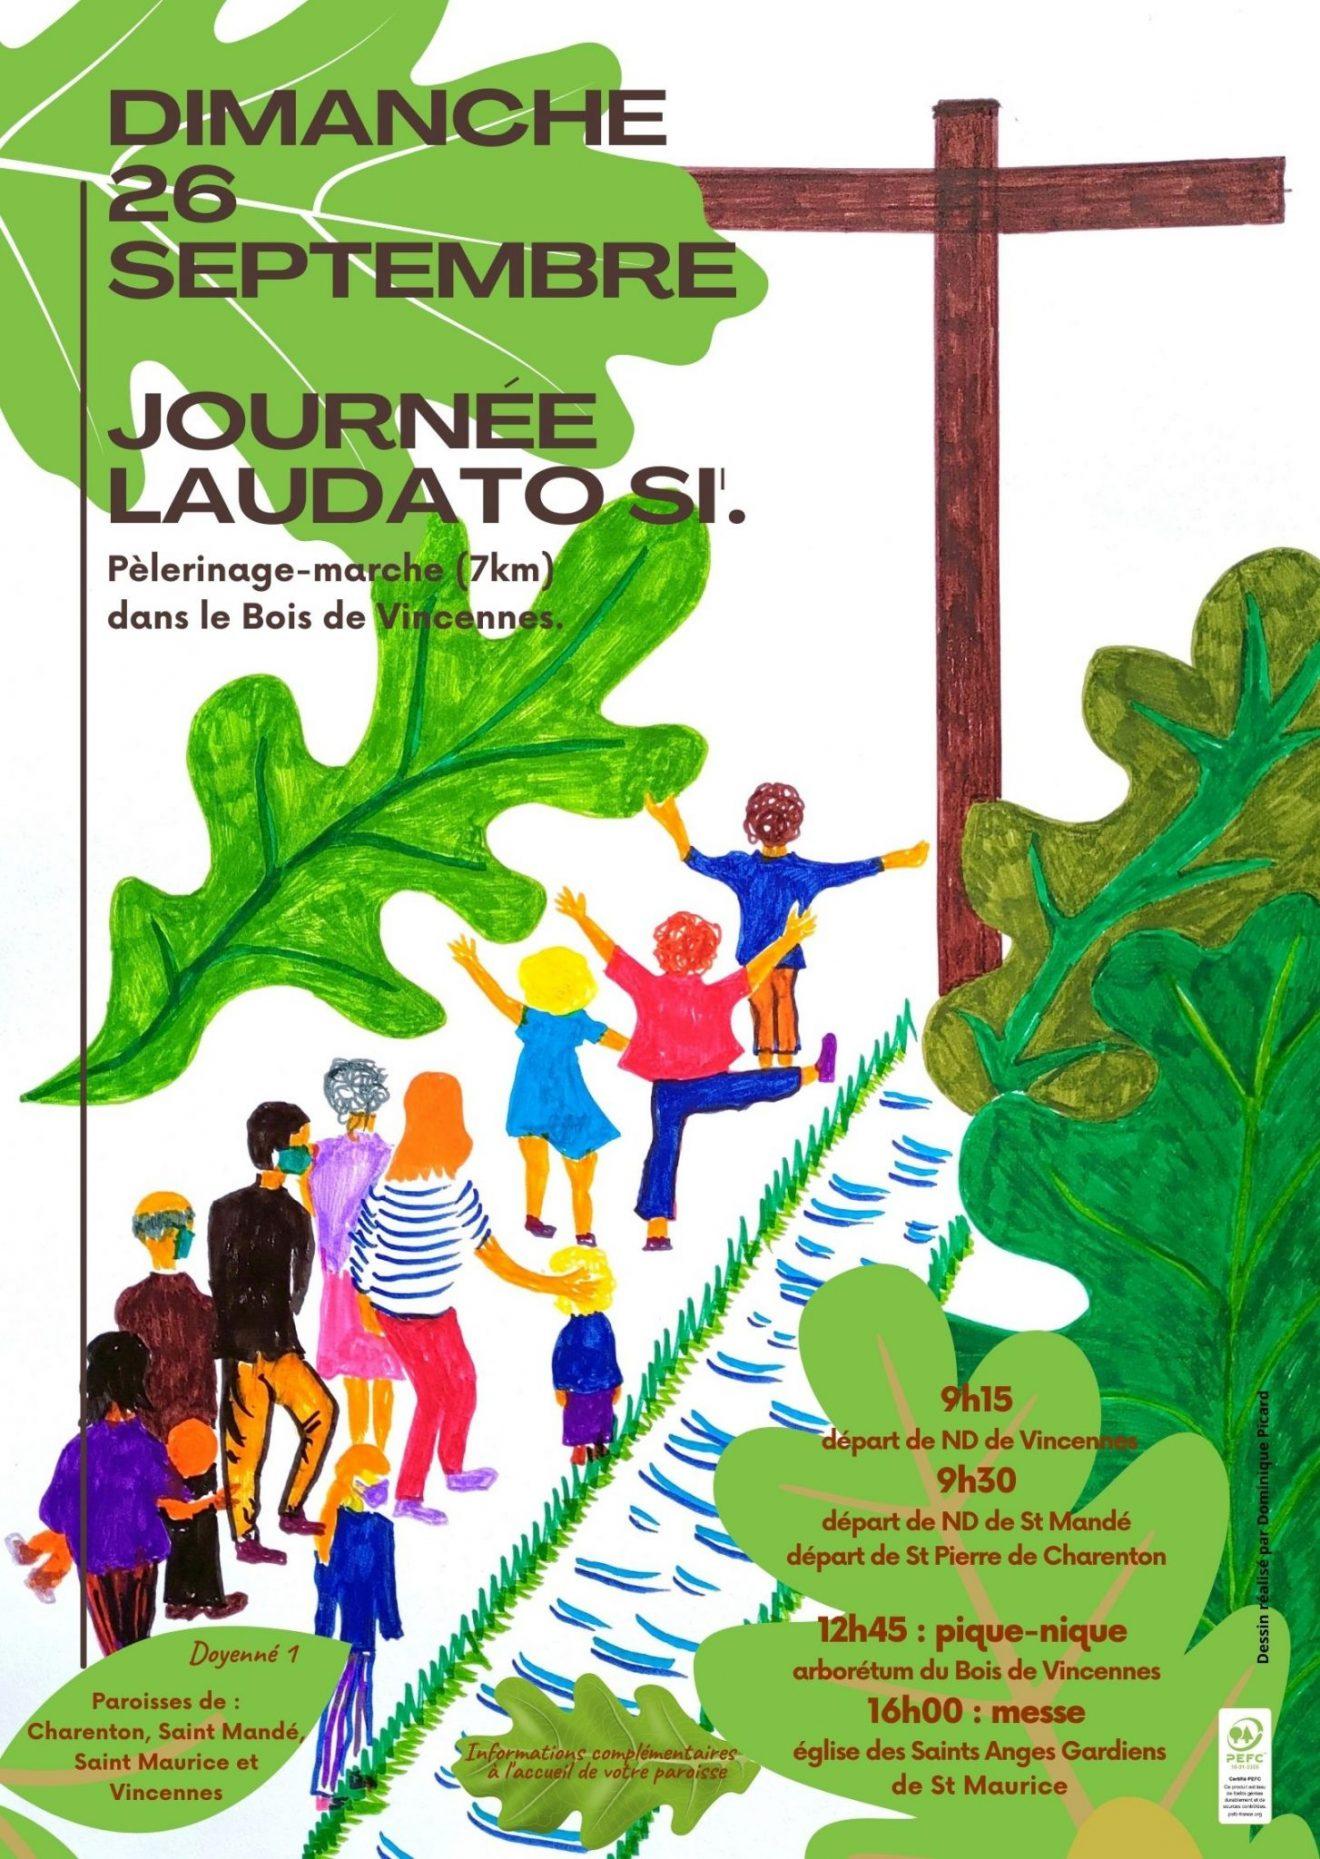 Journée Laudato Si le 26 septembre : pèlerinage-marche dans le bois de Vincennes